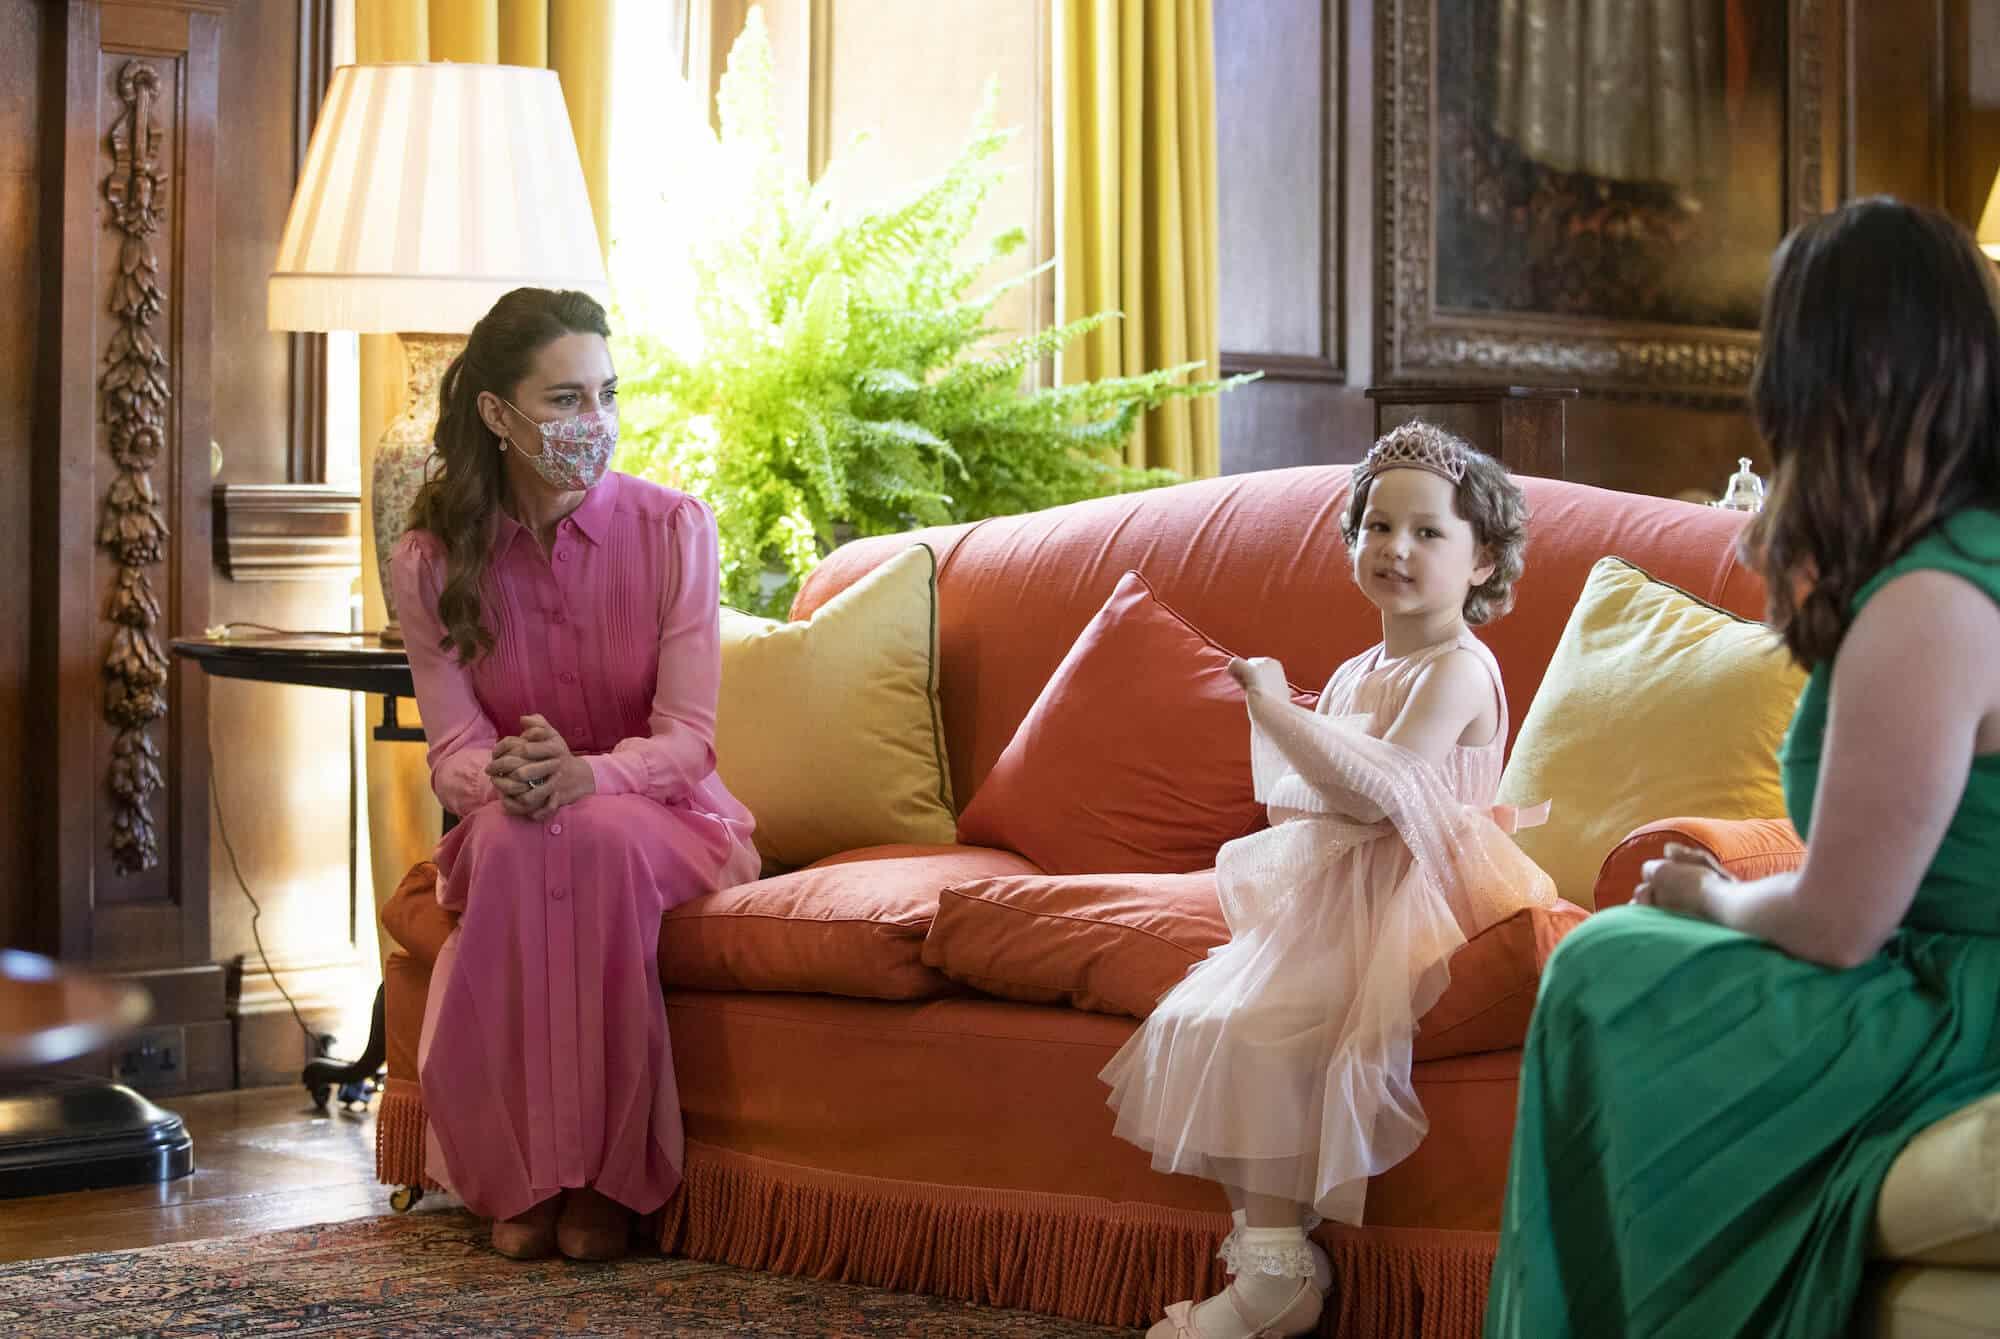 Herzogin Kate erfüllt krankem Mädchen rührendes Versprechen